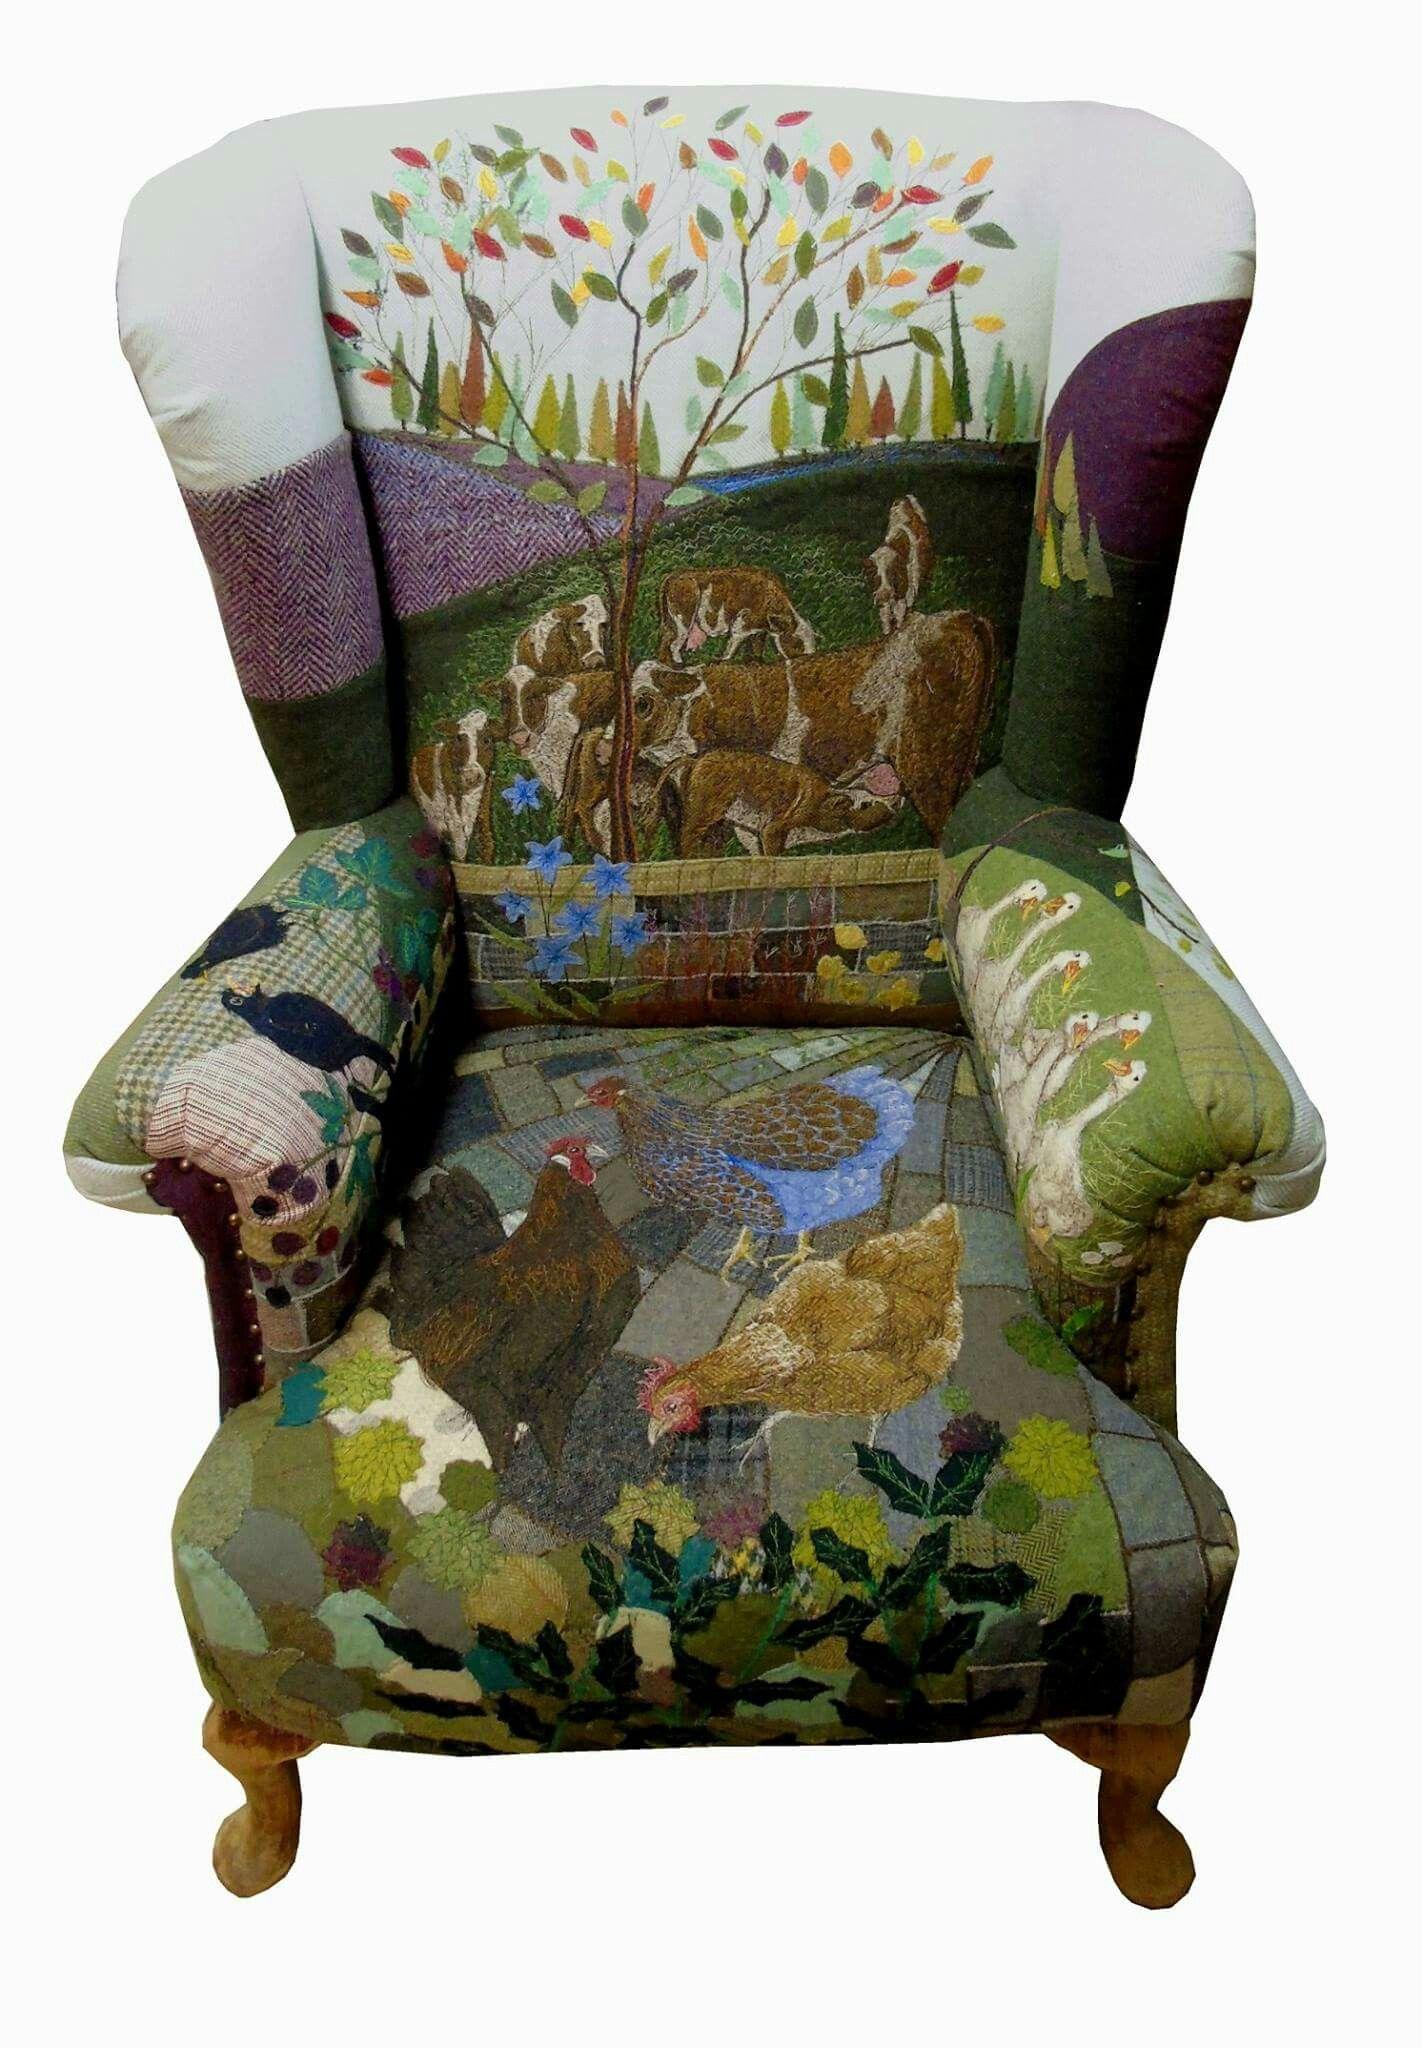 Pin von Rachel Brown auf unique furniture | Pinterest | Sessel, Haus ...